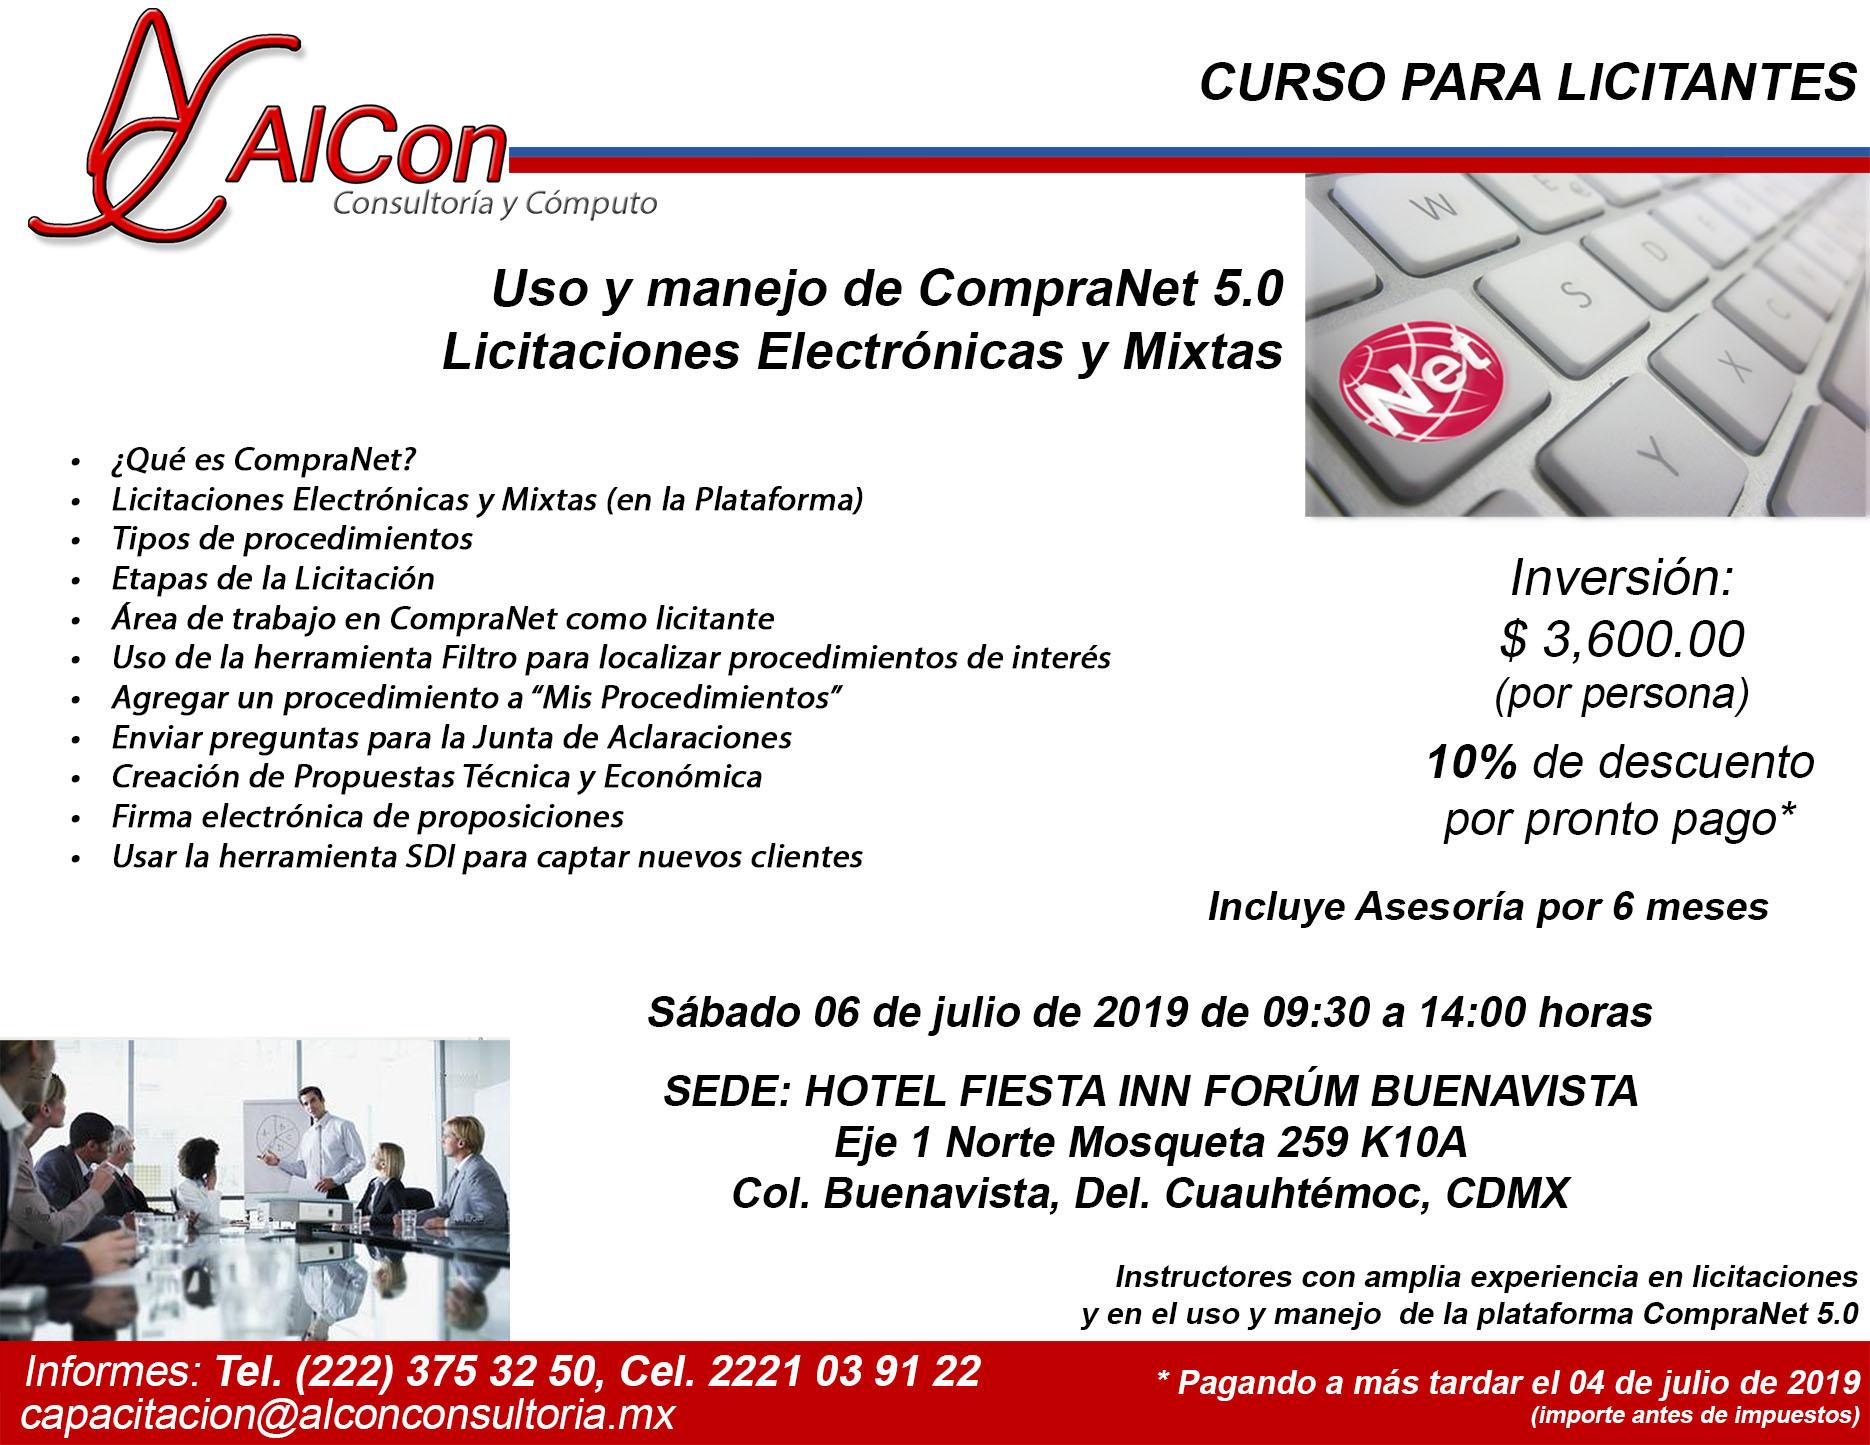 Curso de CompraNet 5.0, Ciudad de México (CDMX), AlCon Consultoría y Cómputo, AlCon Consulting And Commerce, AlCon C&C